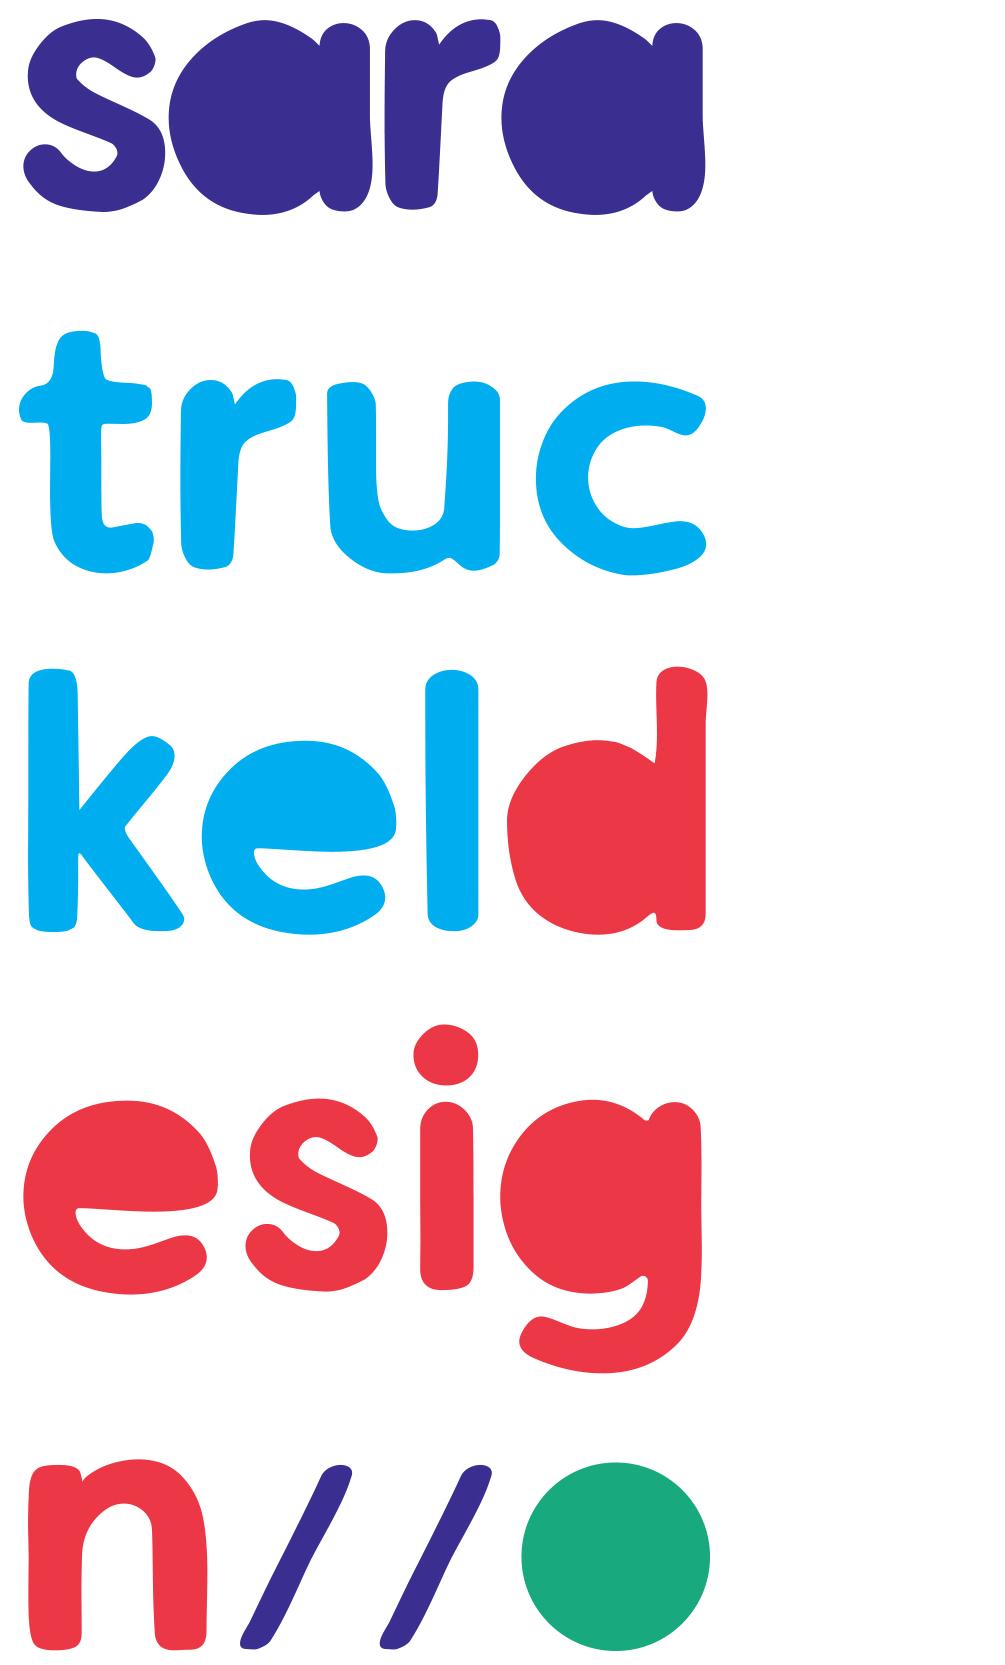 Sara Truckel Design